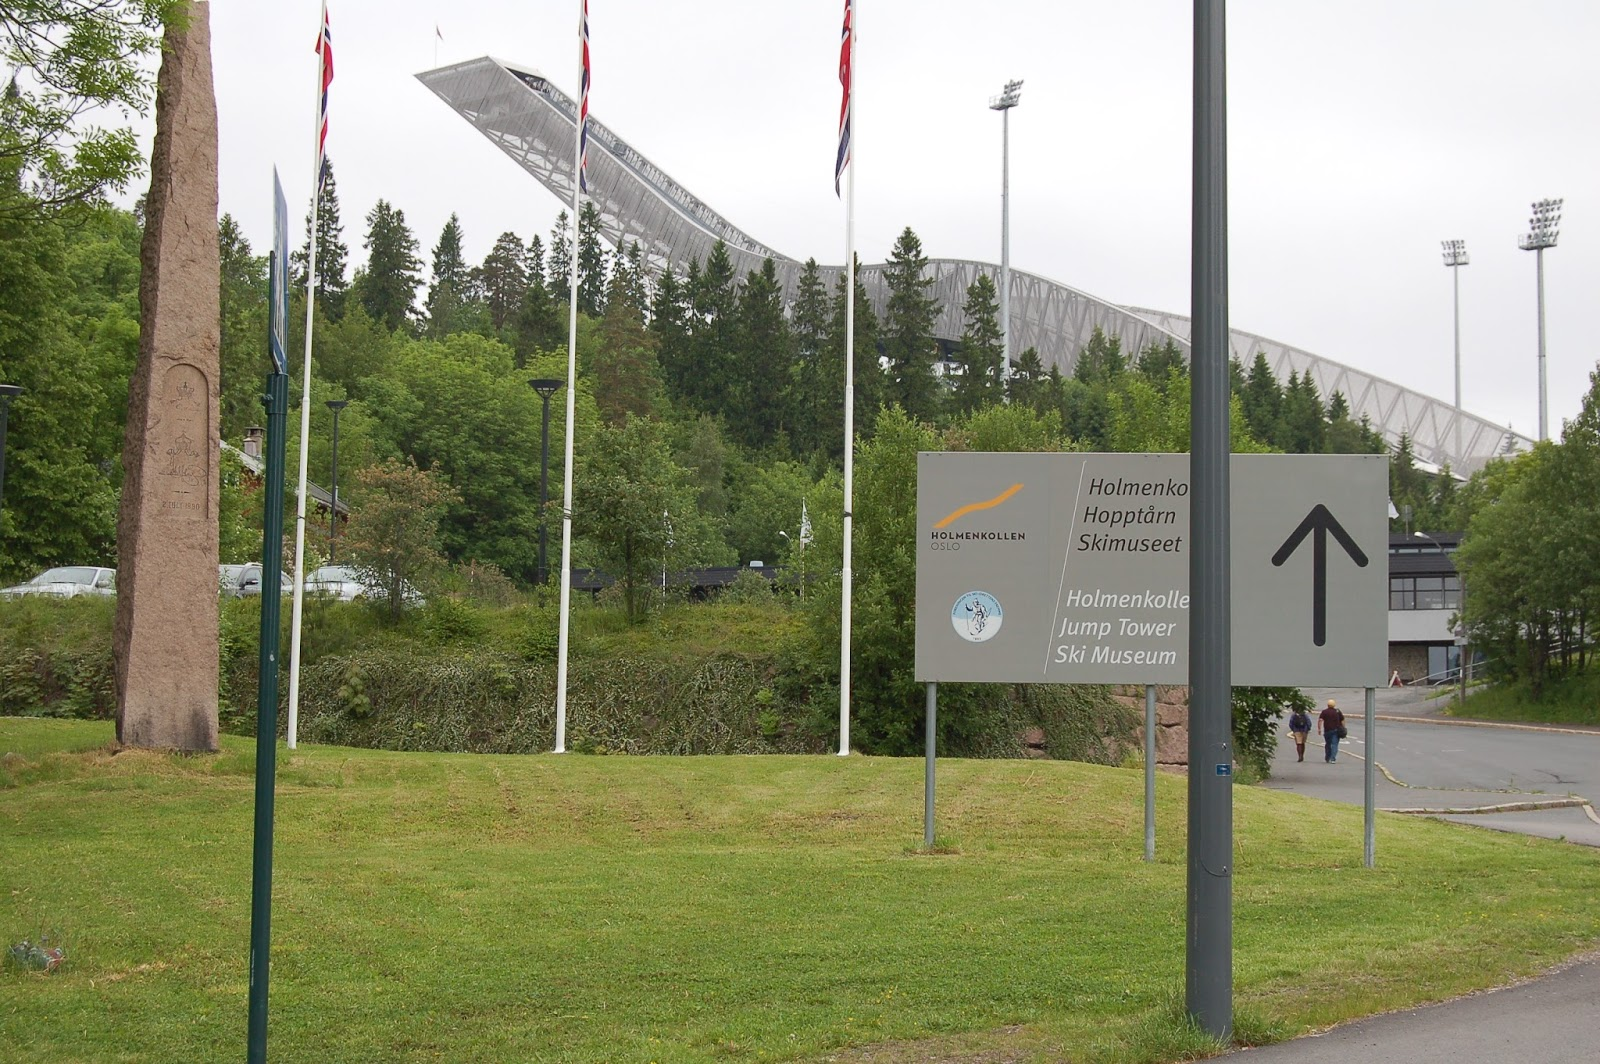 skocznia narciarska Holmenkollen, Oslo, Norwegia